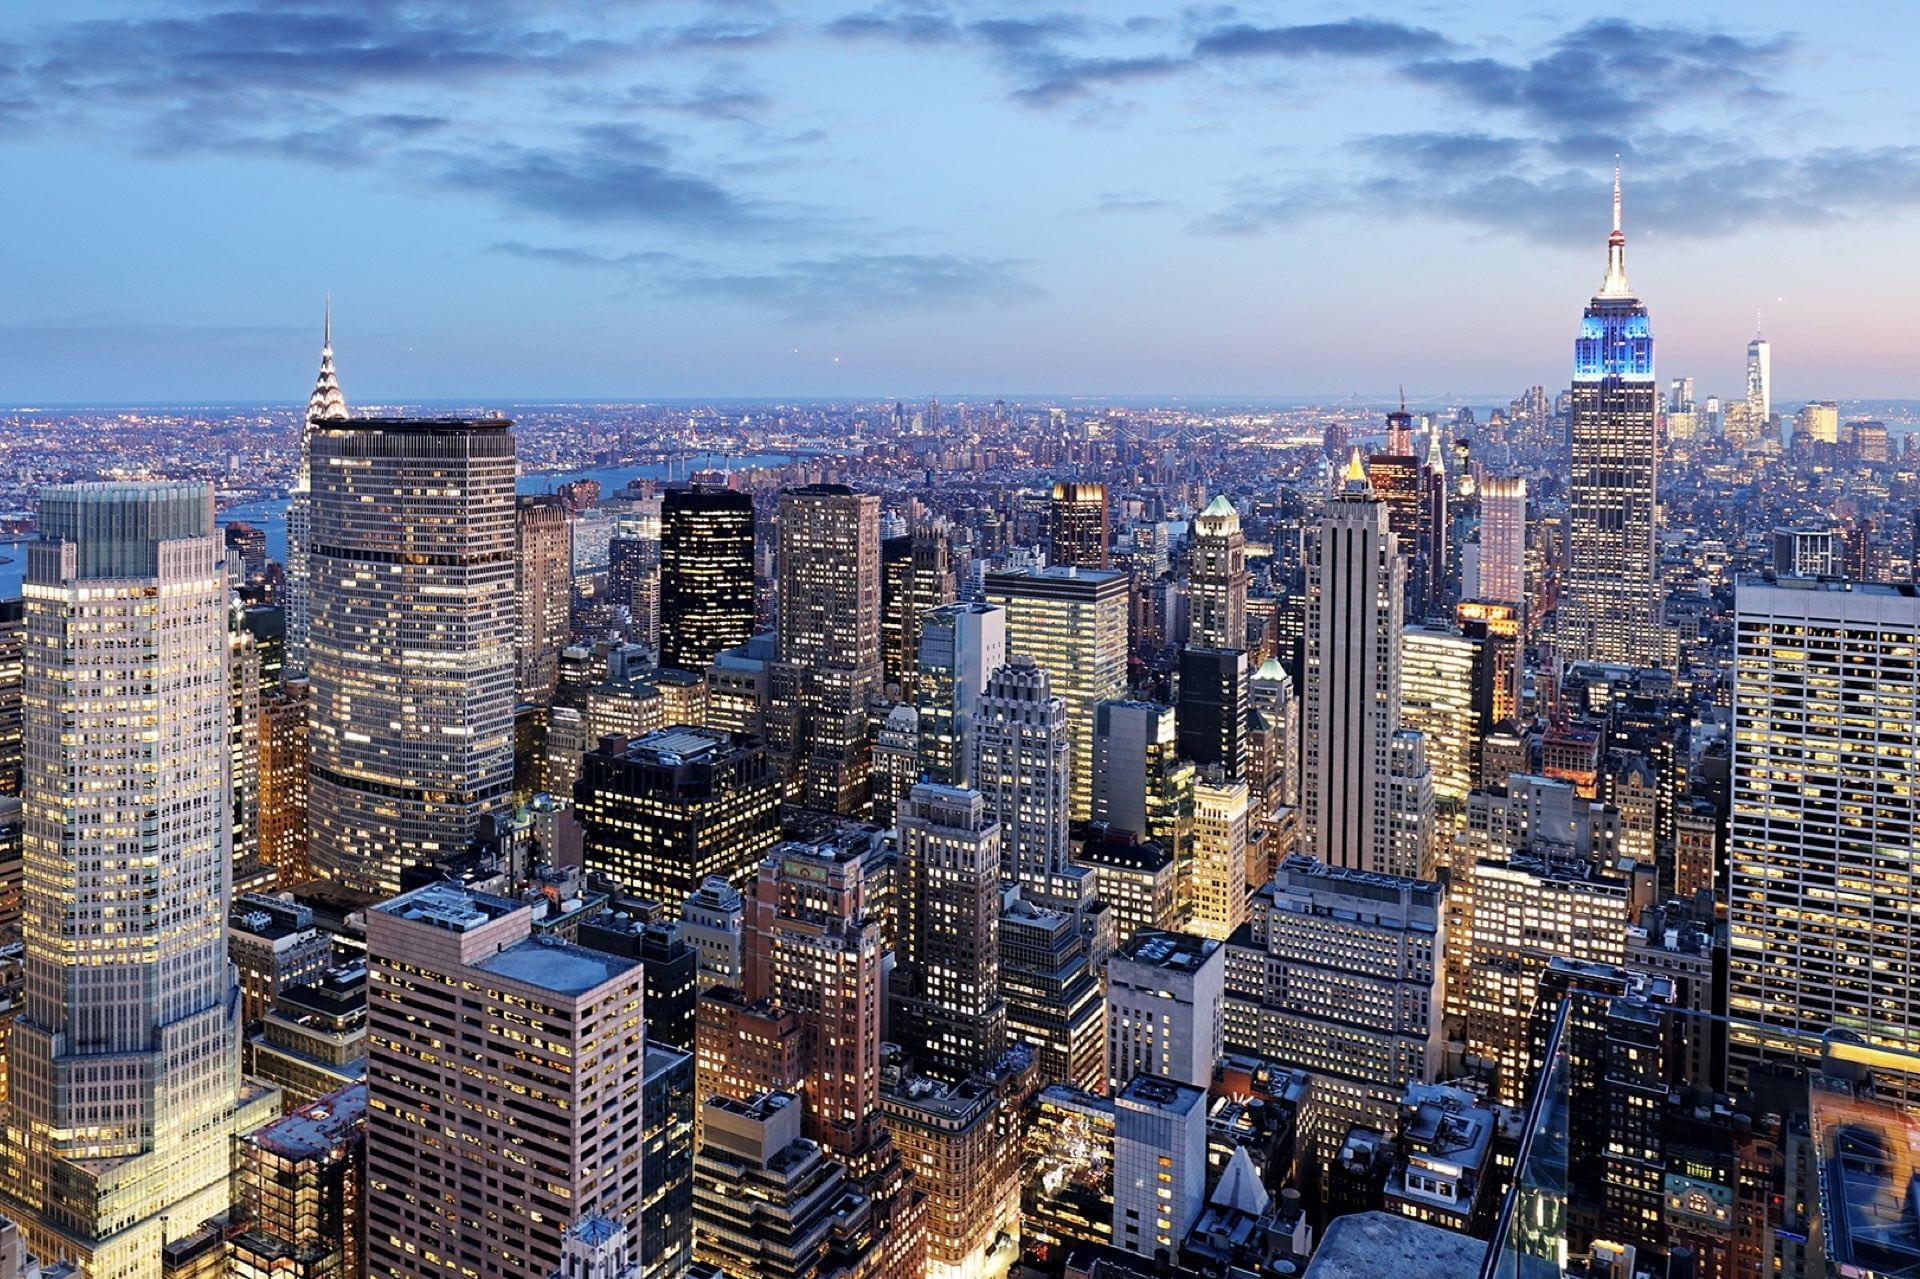 Vue aerienne de New York